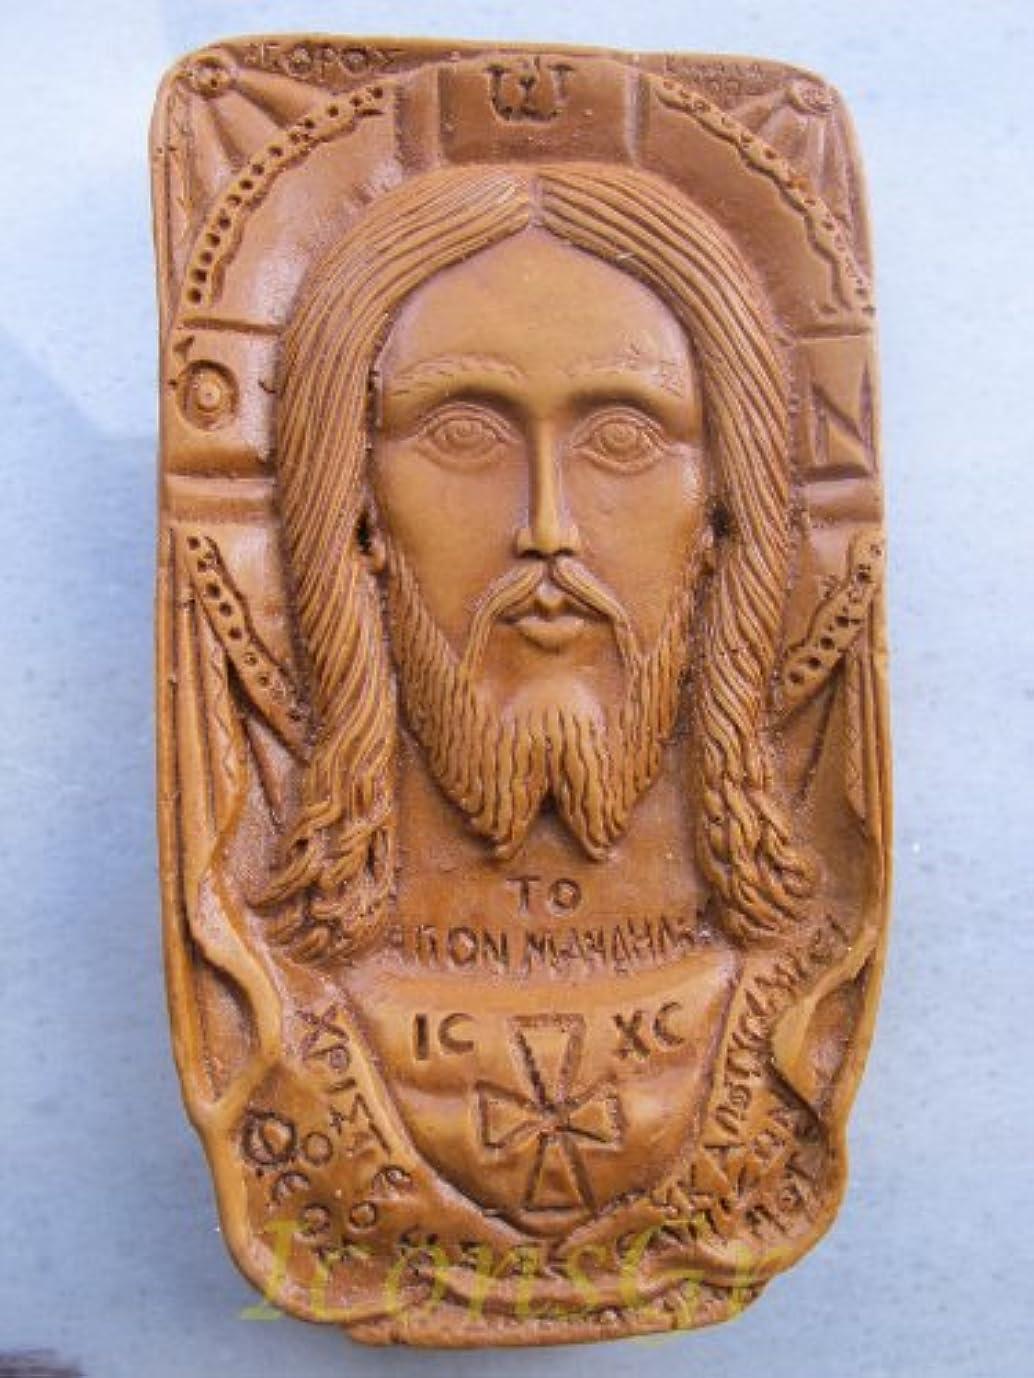 おしゃれな虐待カーテンHandmade Carved Aromaticワックスから祝福アイコンアトスのマンディリオン125